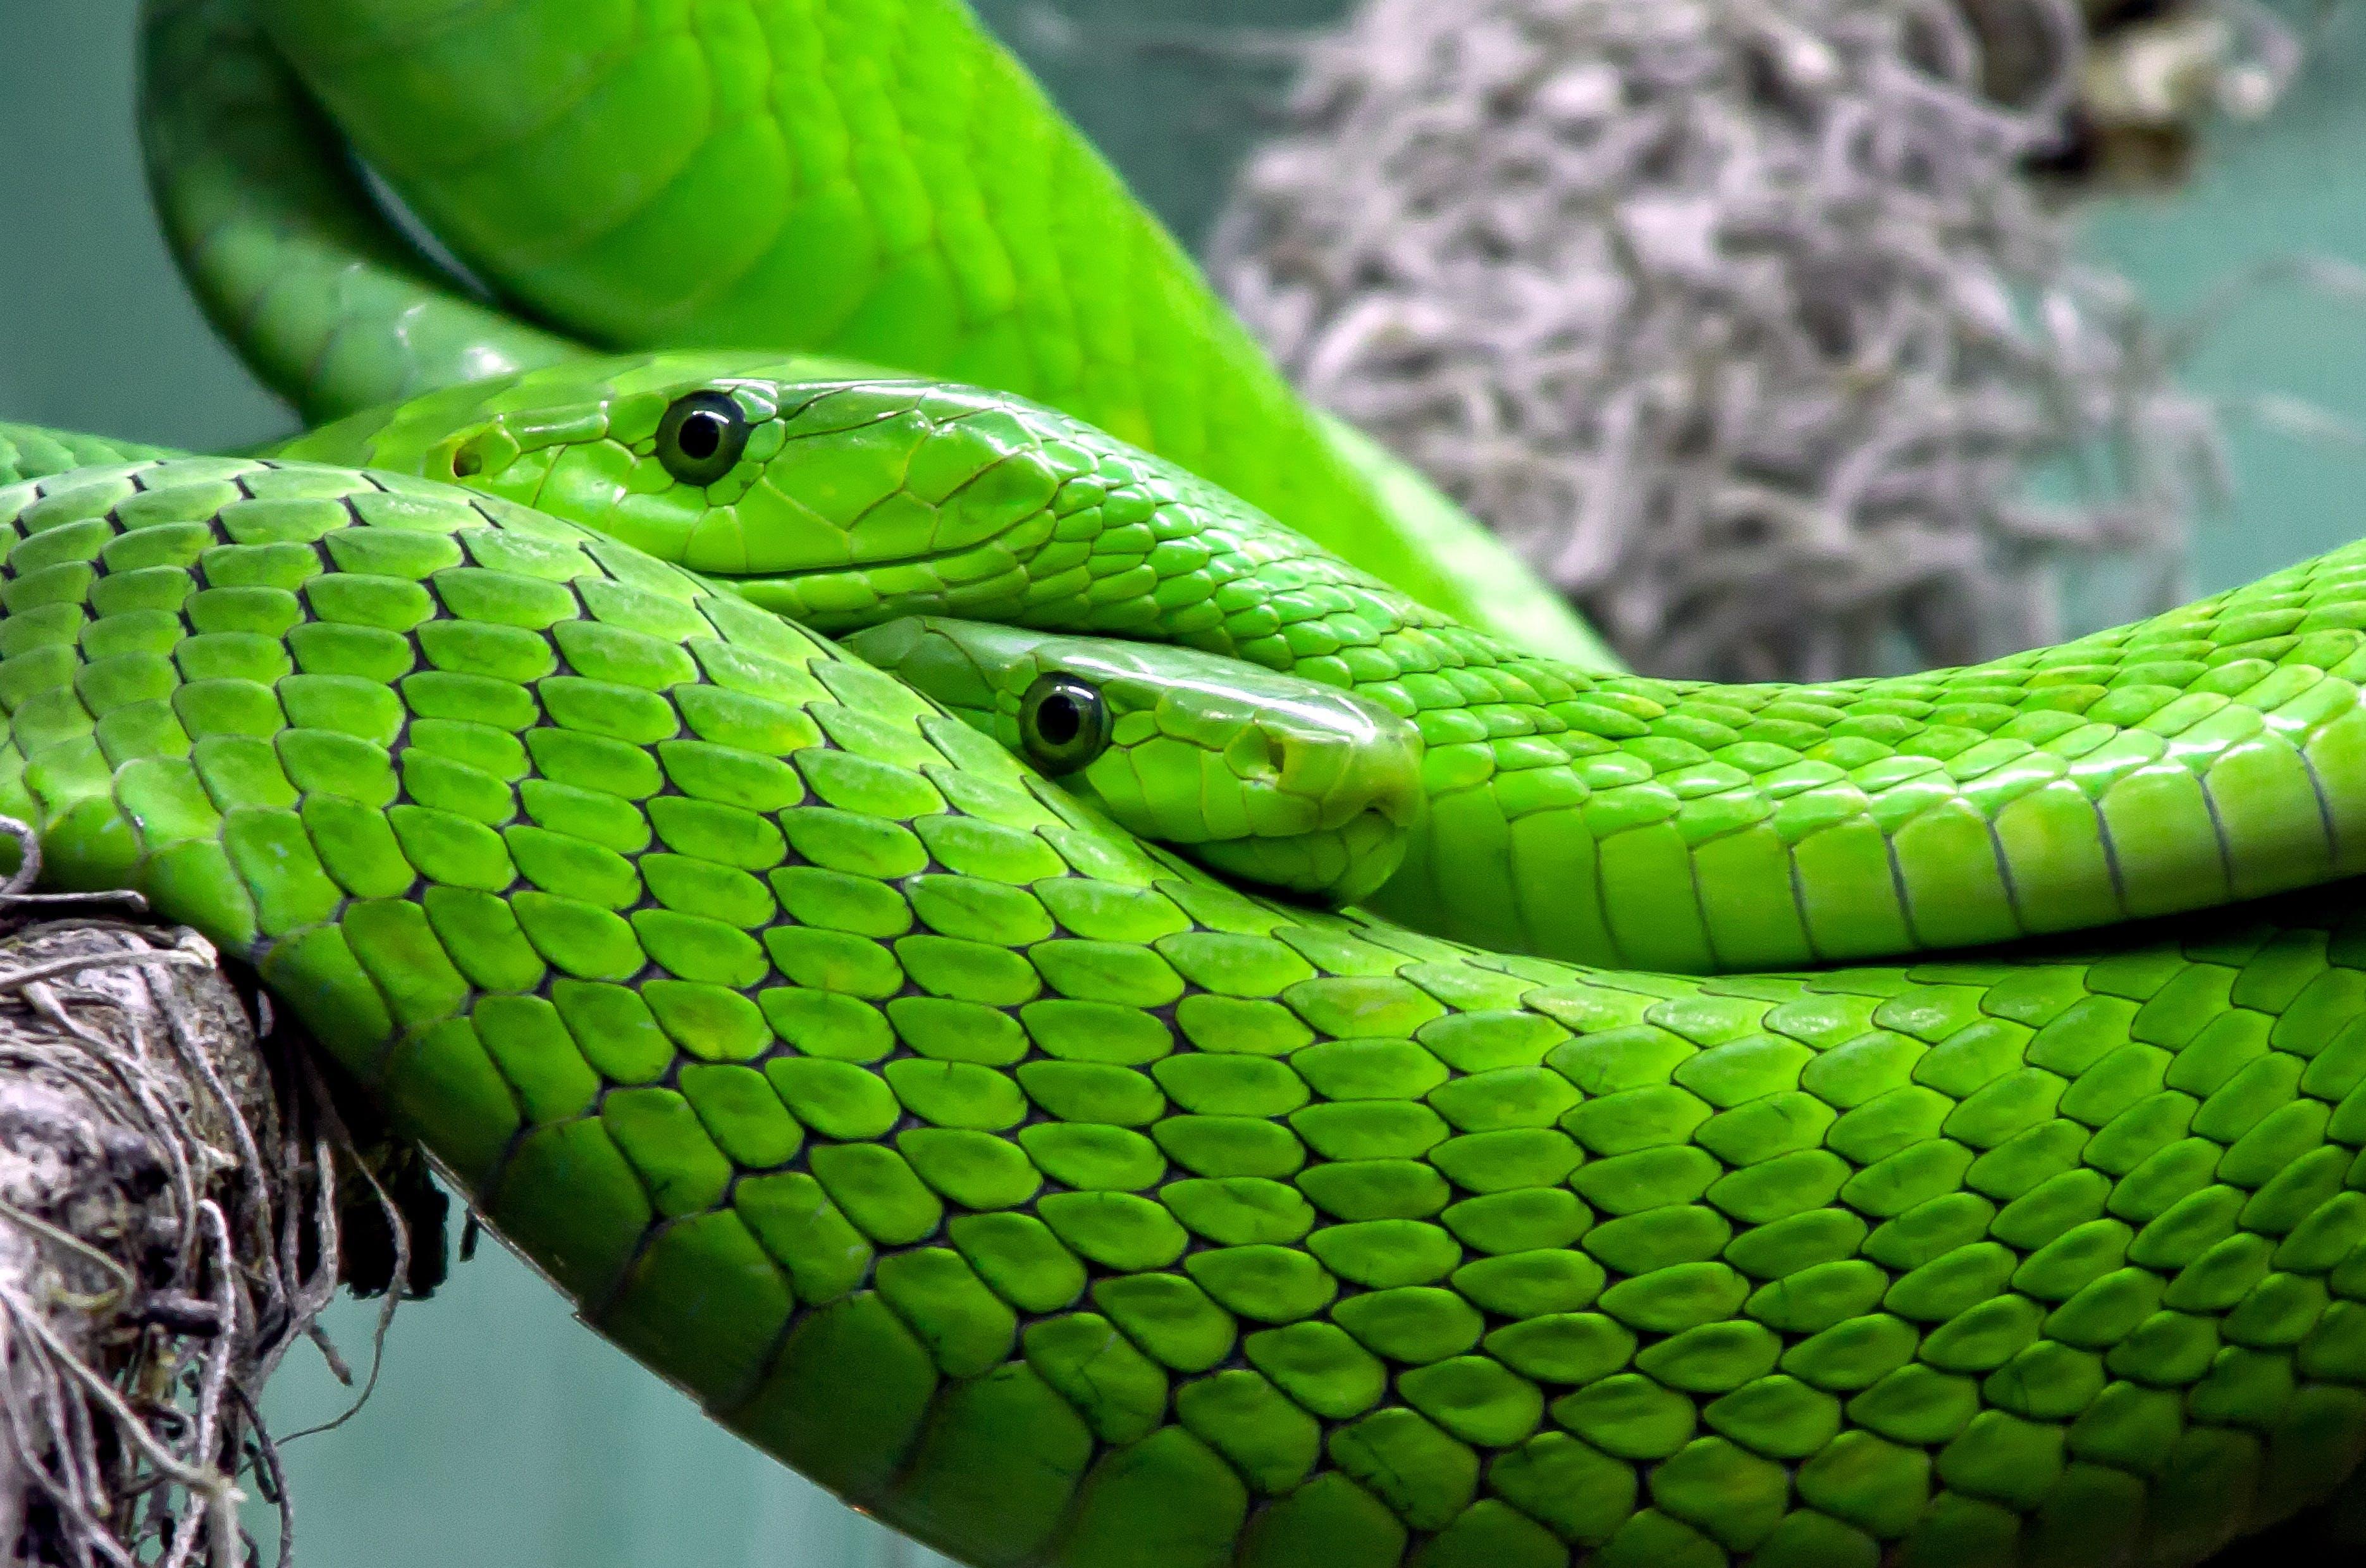 Kostnadsfri bild av djur, gift, grön, grön mamba